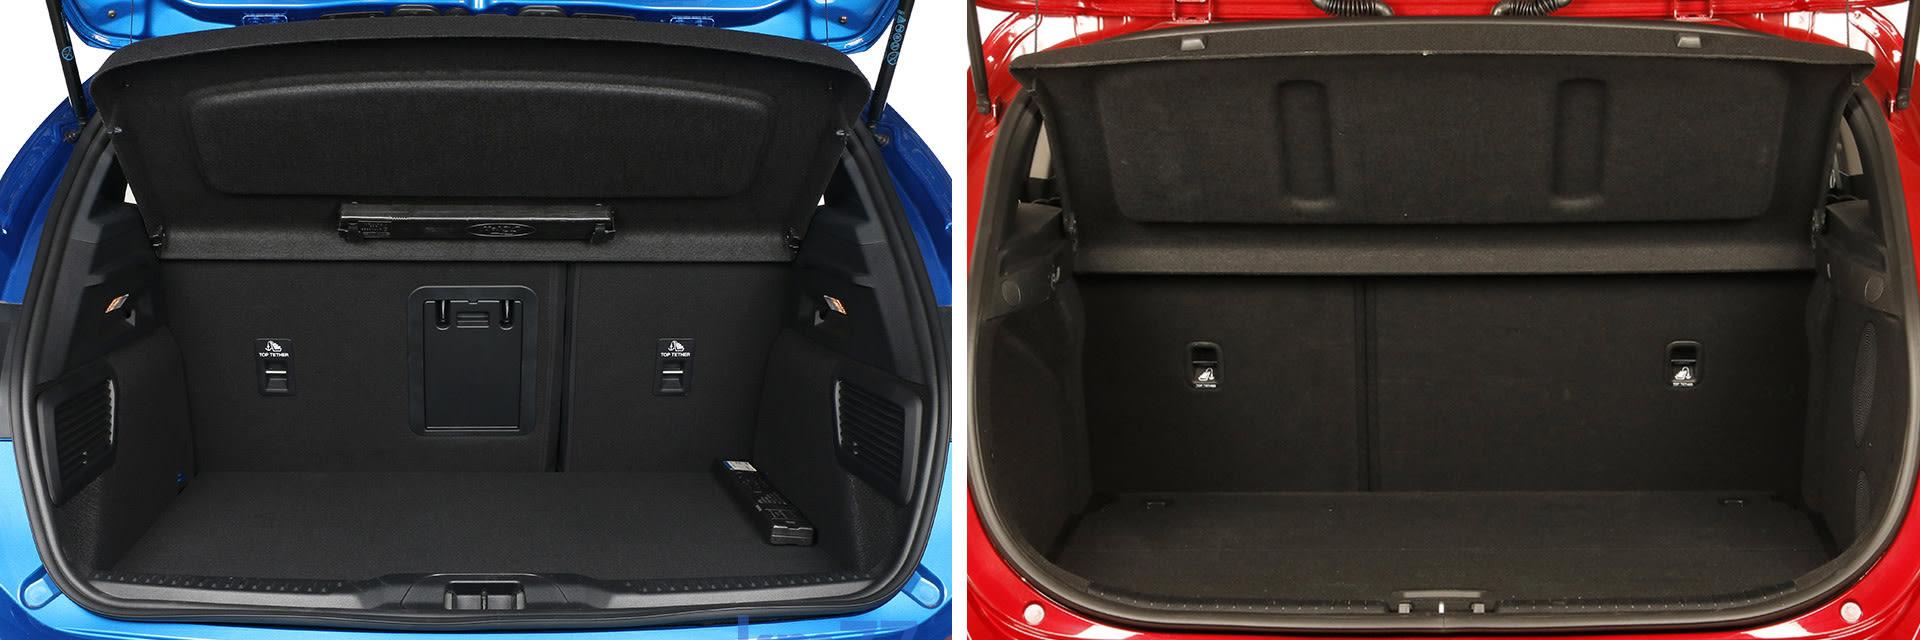 El Ford Focus (izq.) tiene un maletero de 375 litros, mientras que el del KIA Ceed (dcha.) es de 395.